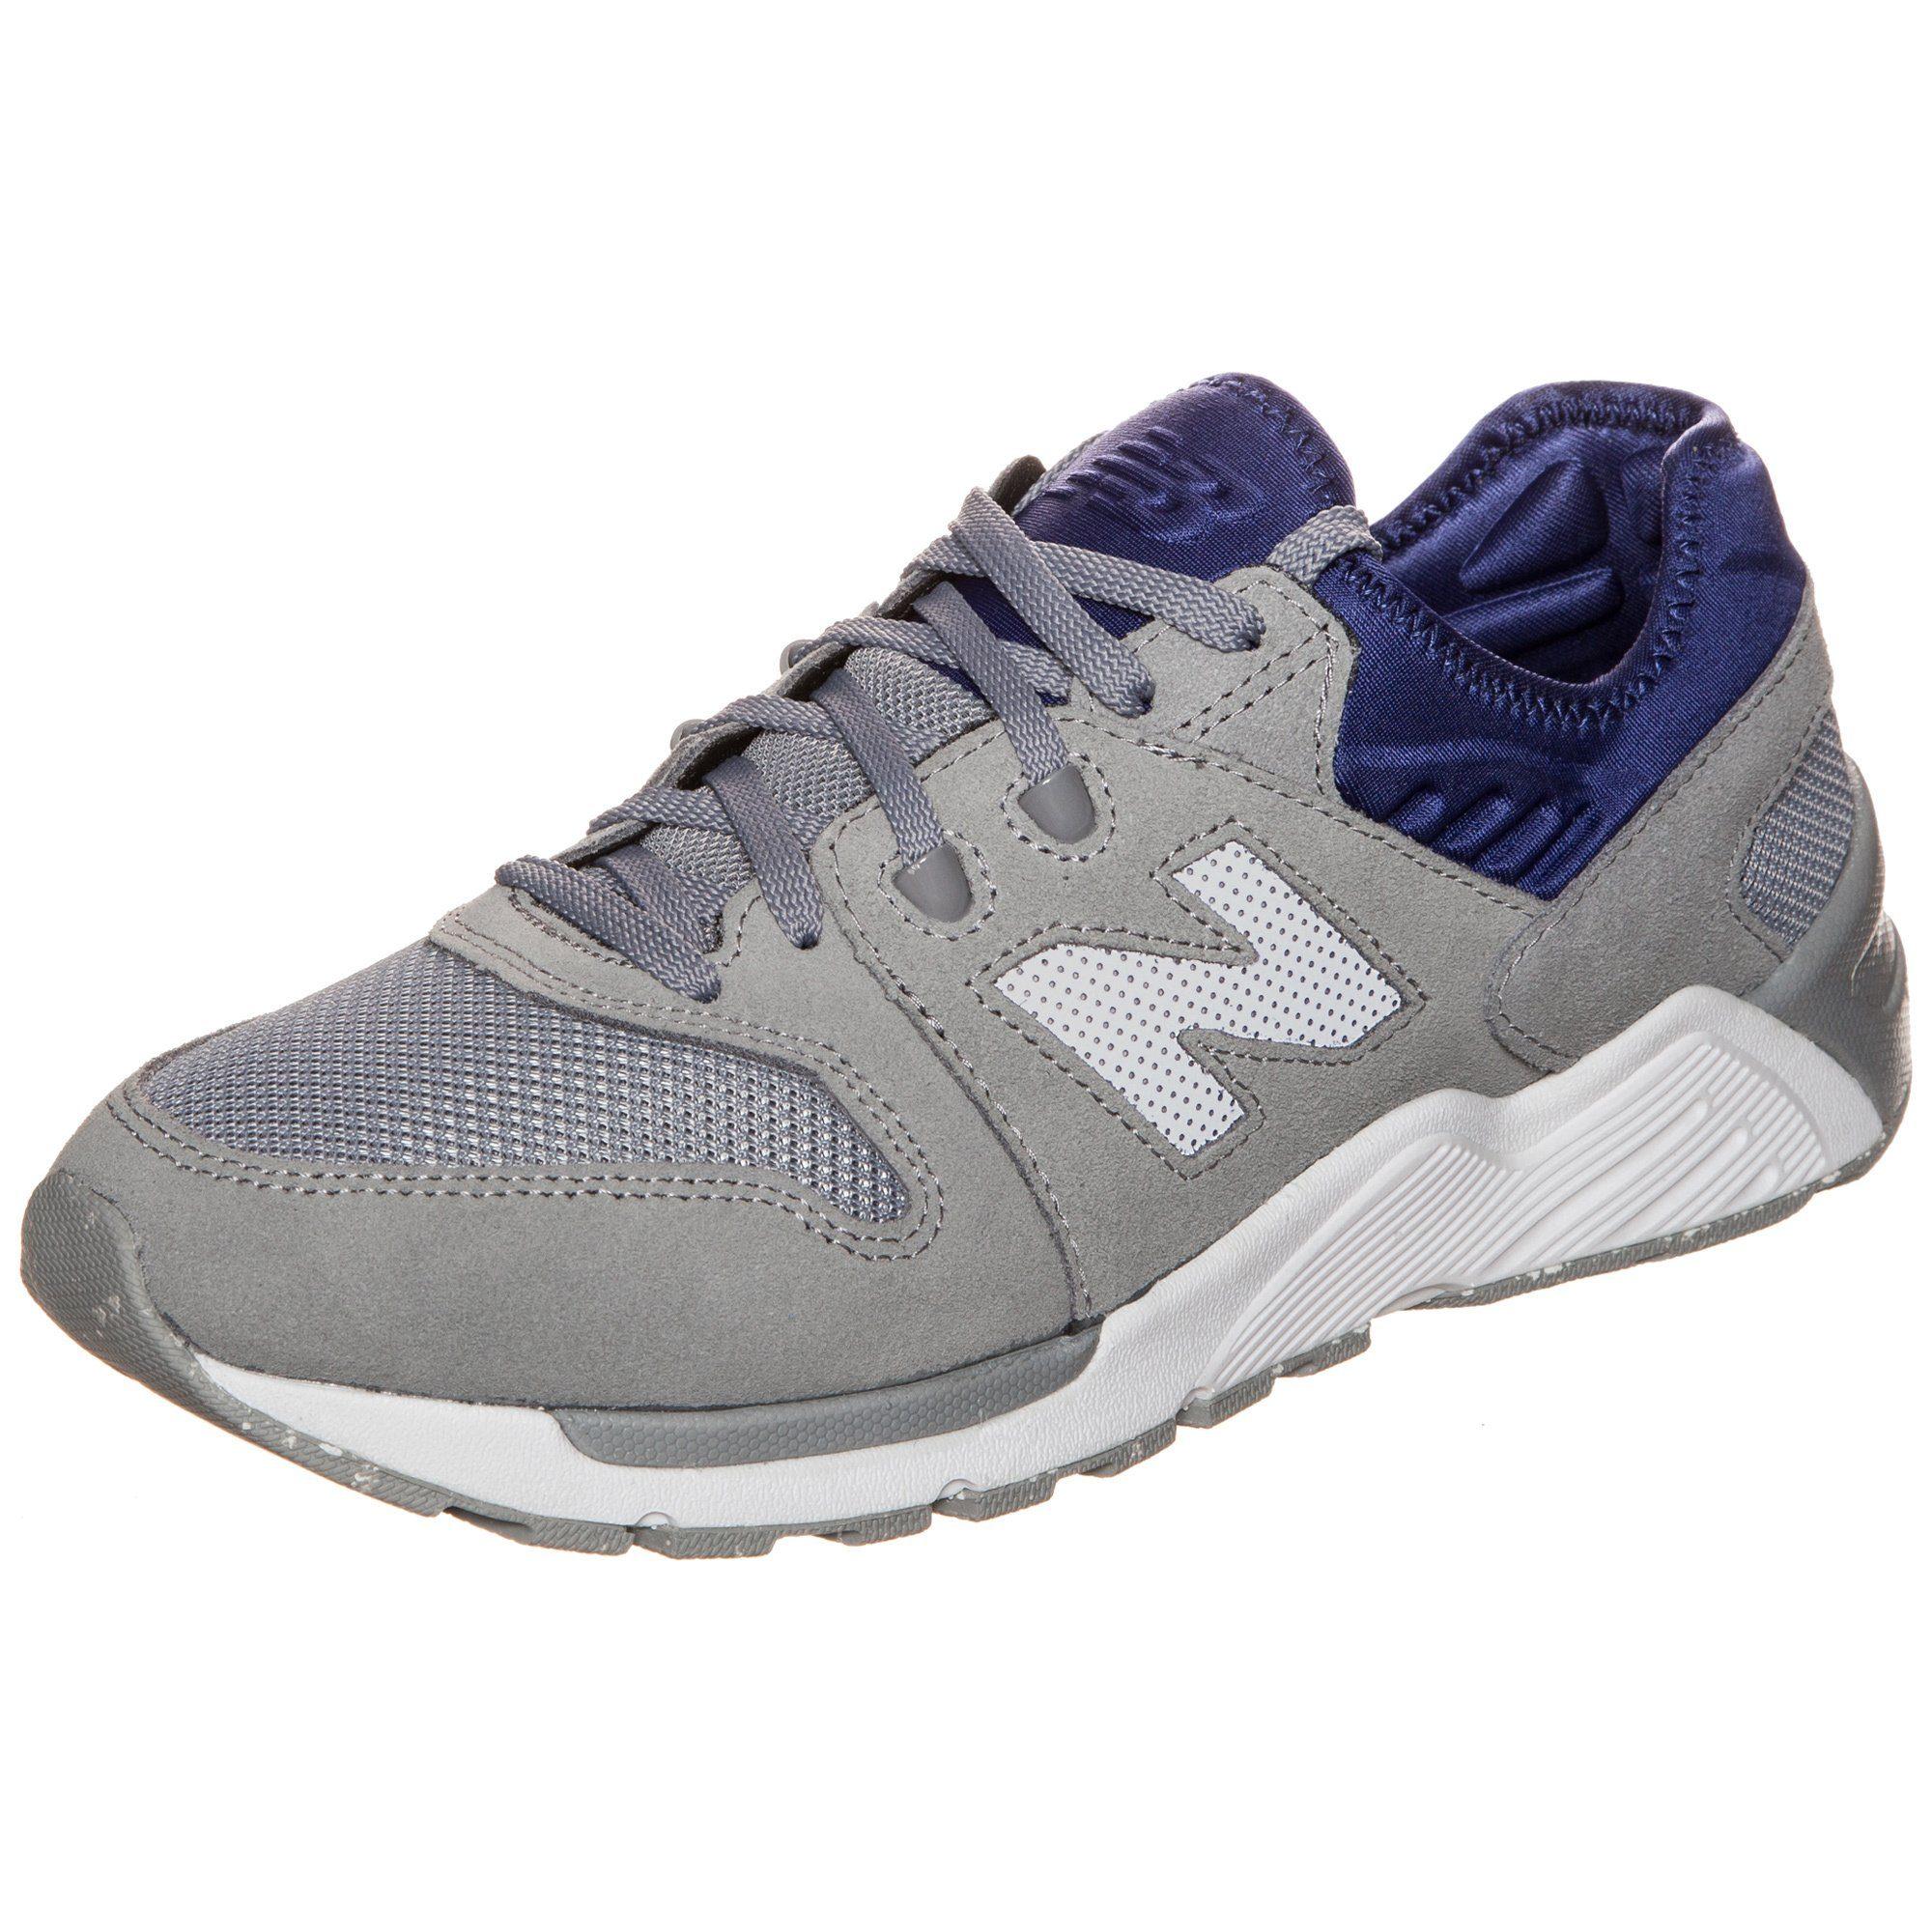 New Balance 009 Chaussures De Sport, Hommes - Noir - 44,5 Eu